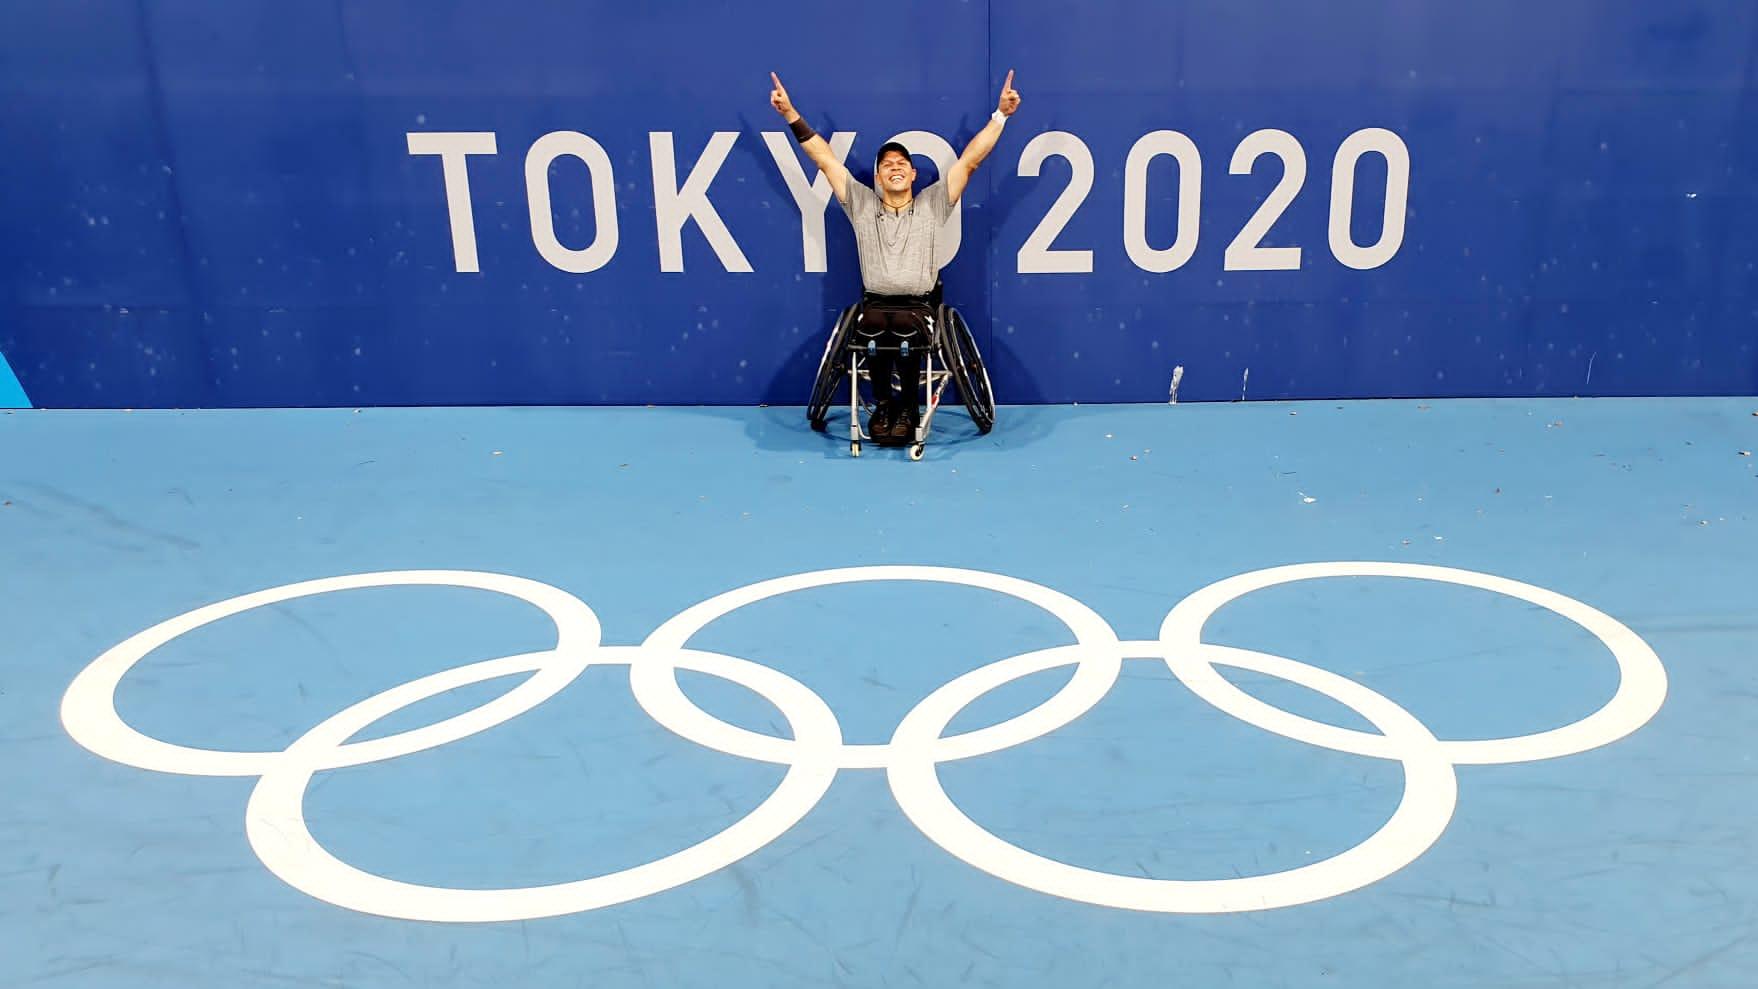 ThomasFlax Paralympics